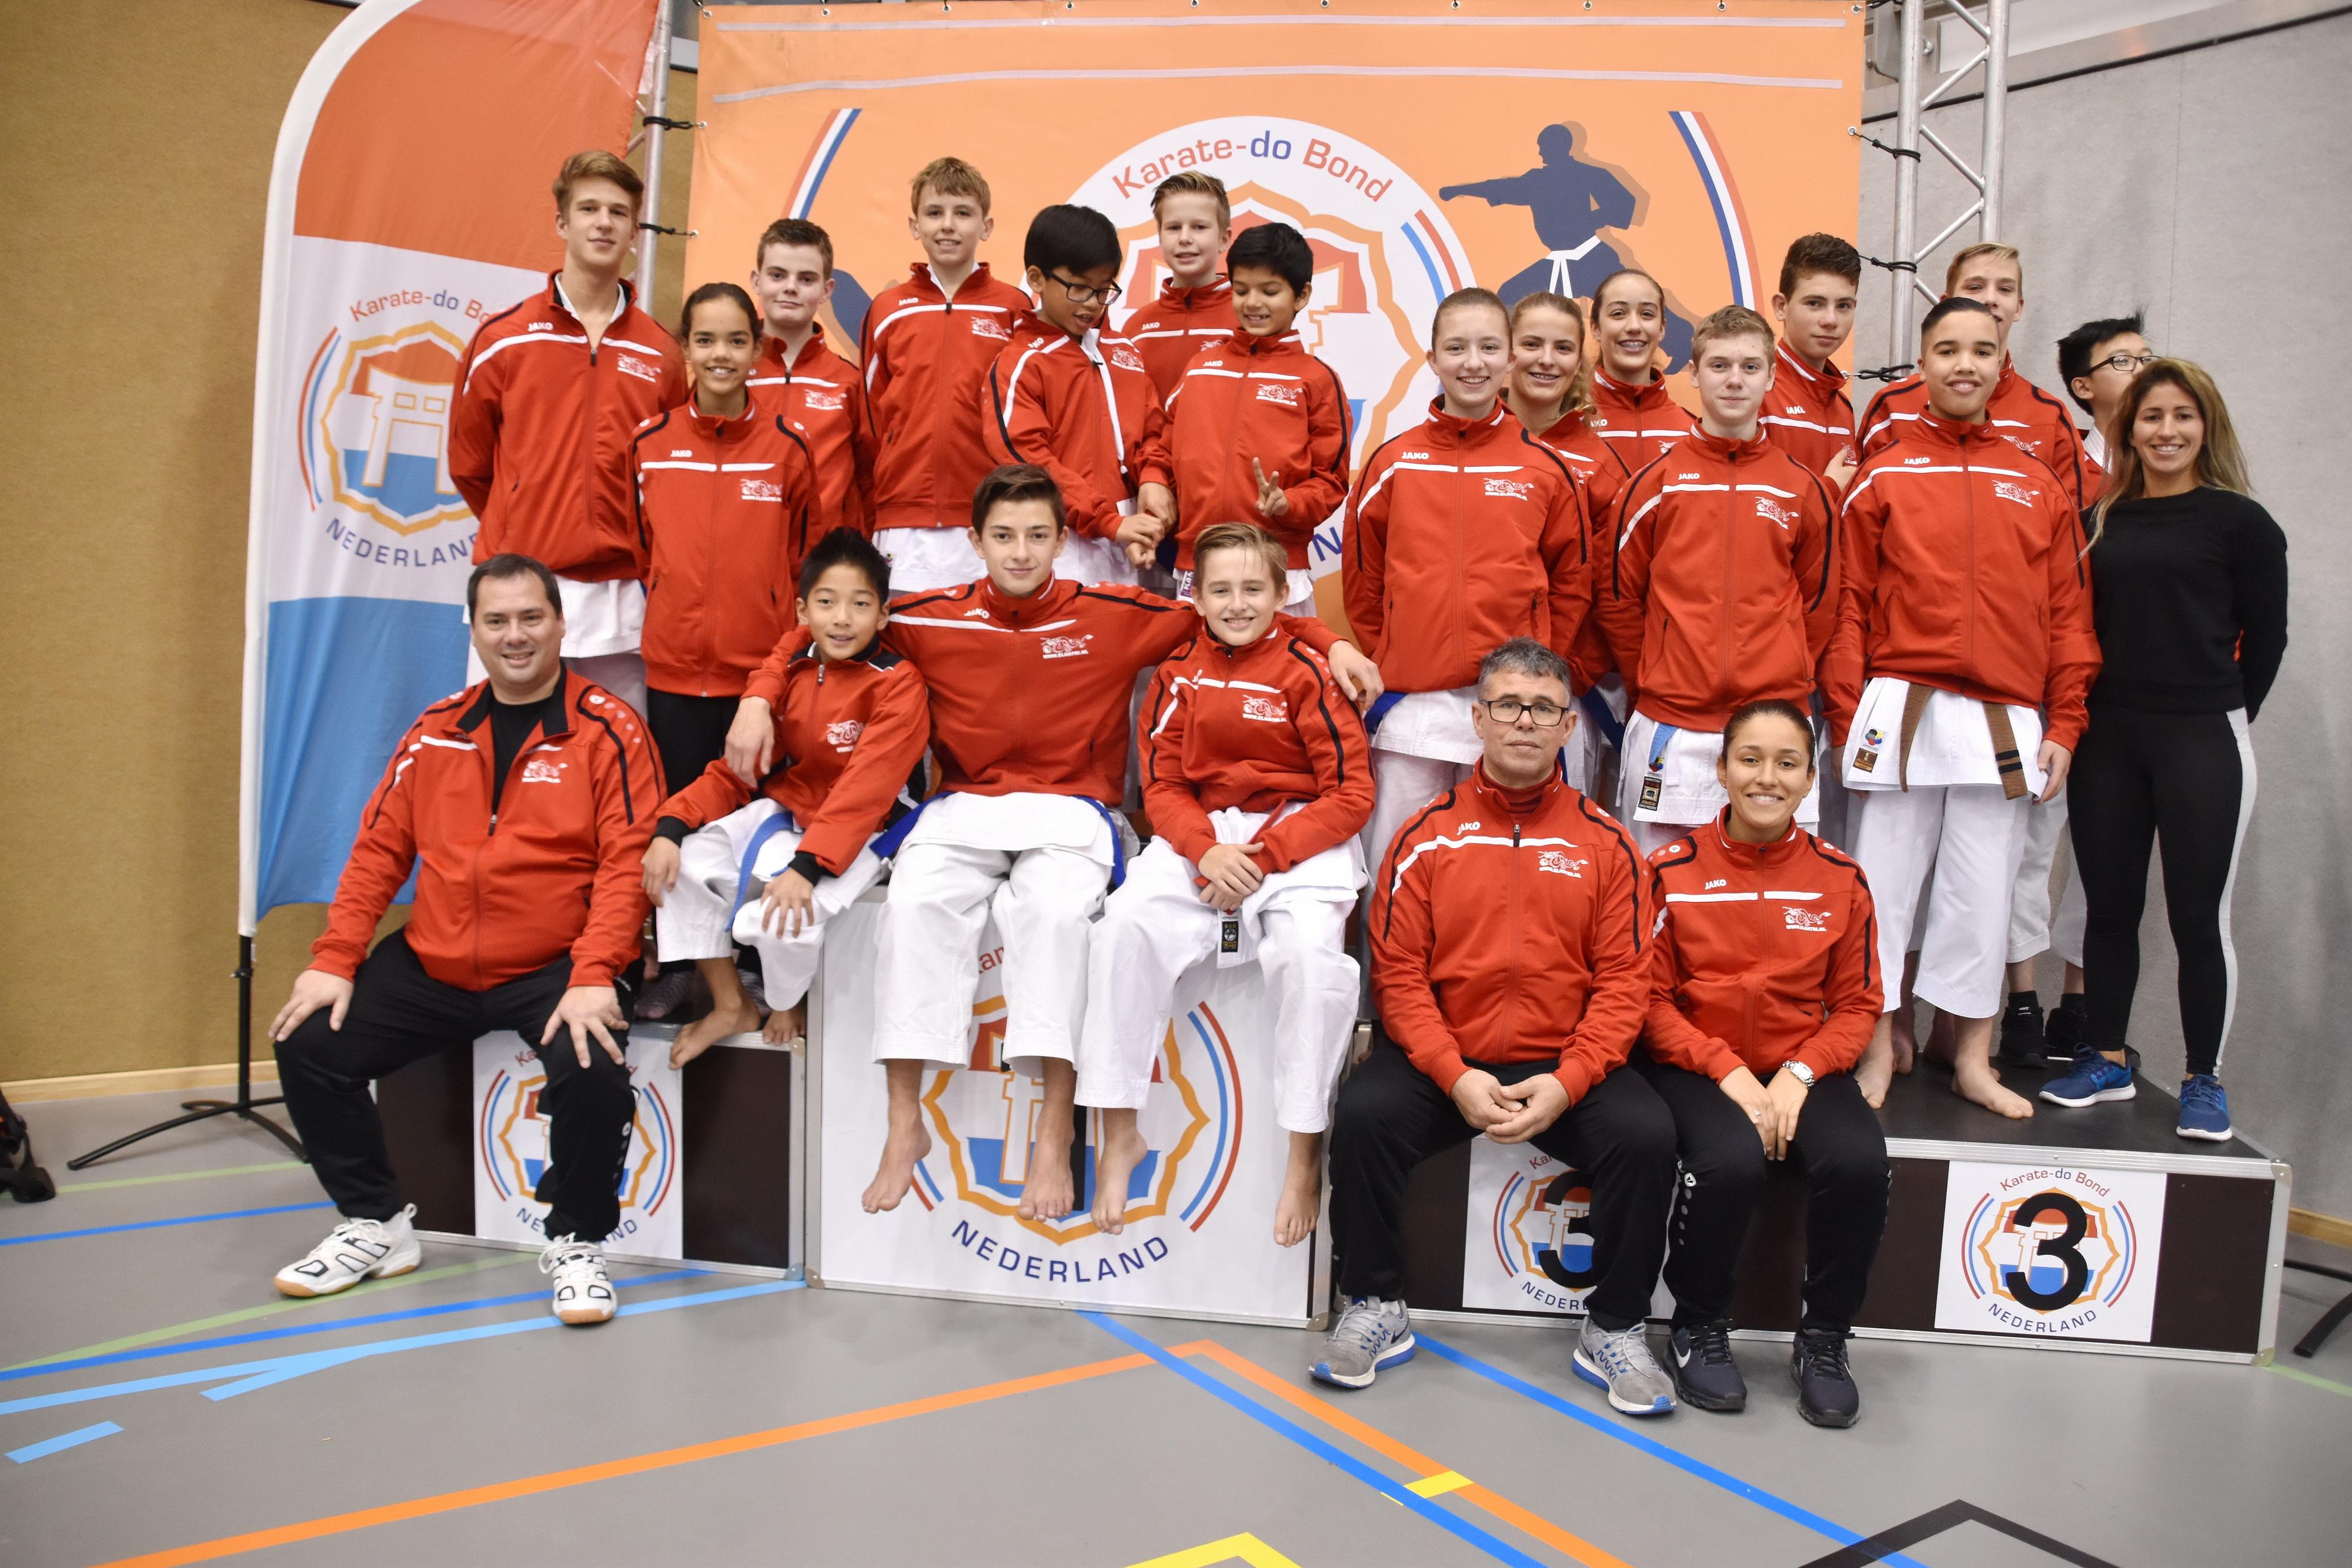 Nederlandse Kampioenschappen jeugd, cadetten, junioren en -21jaar 2017 te Zoetermeer